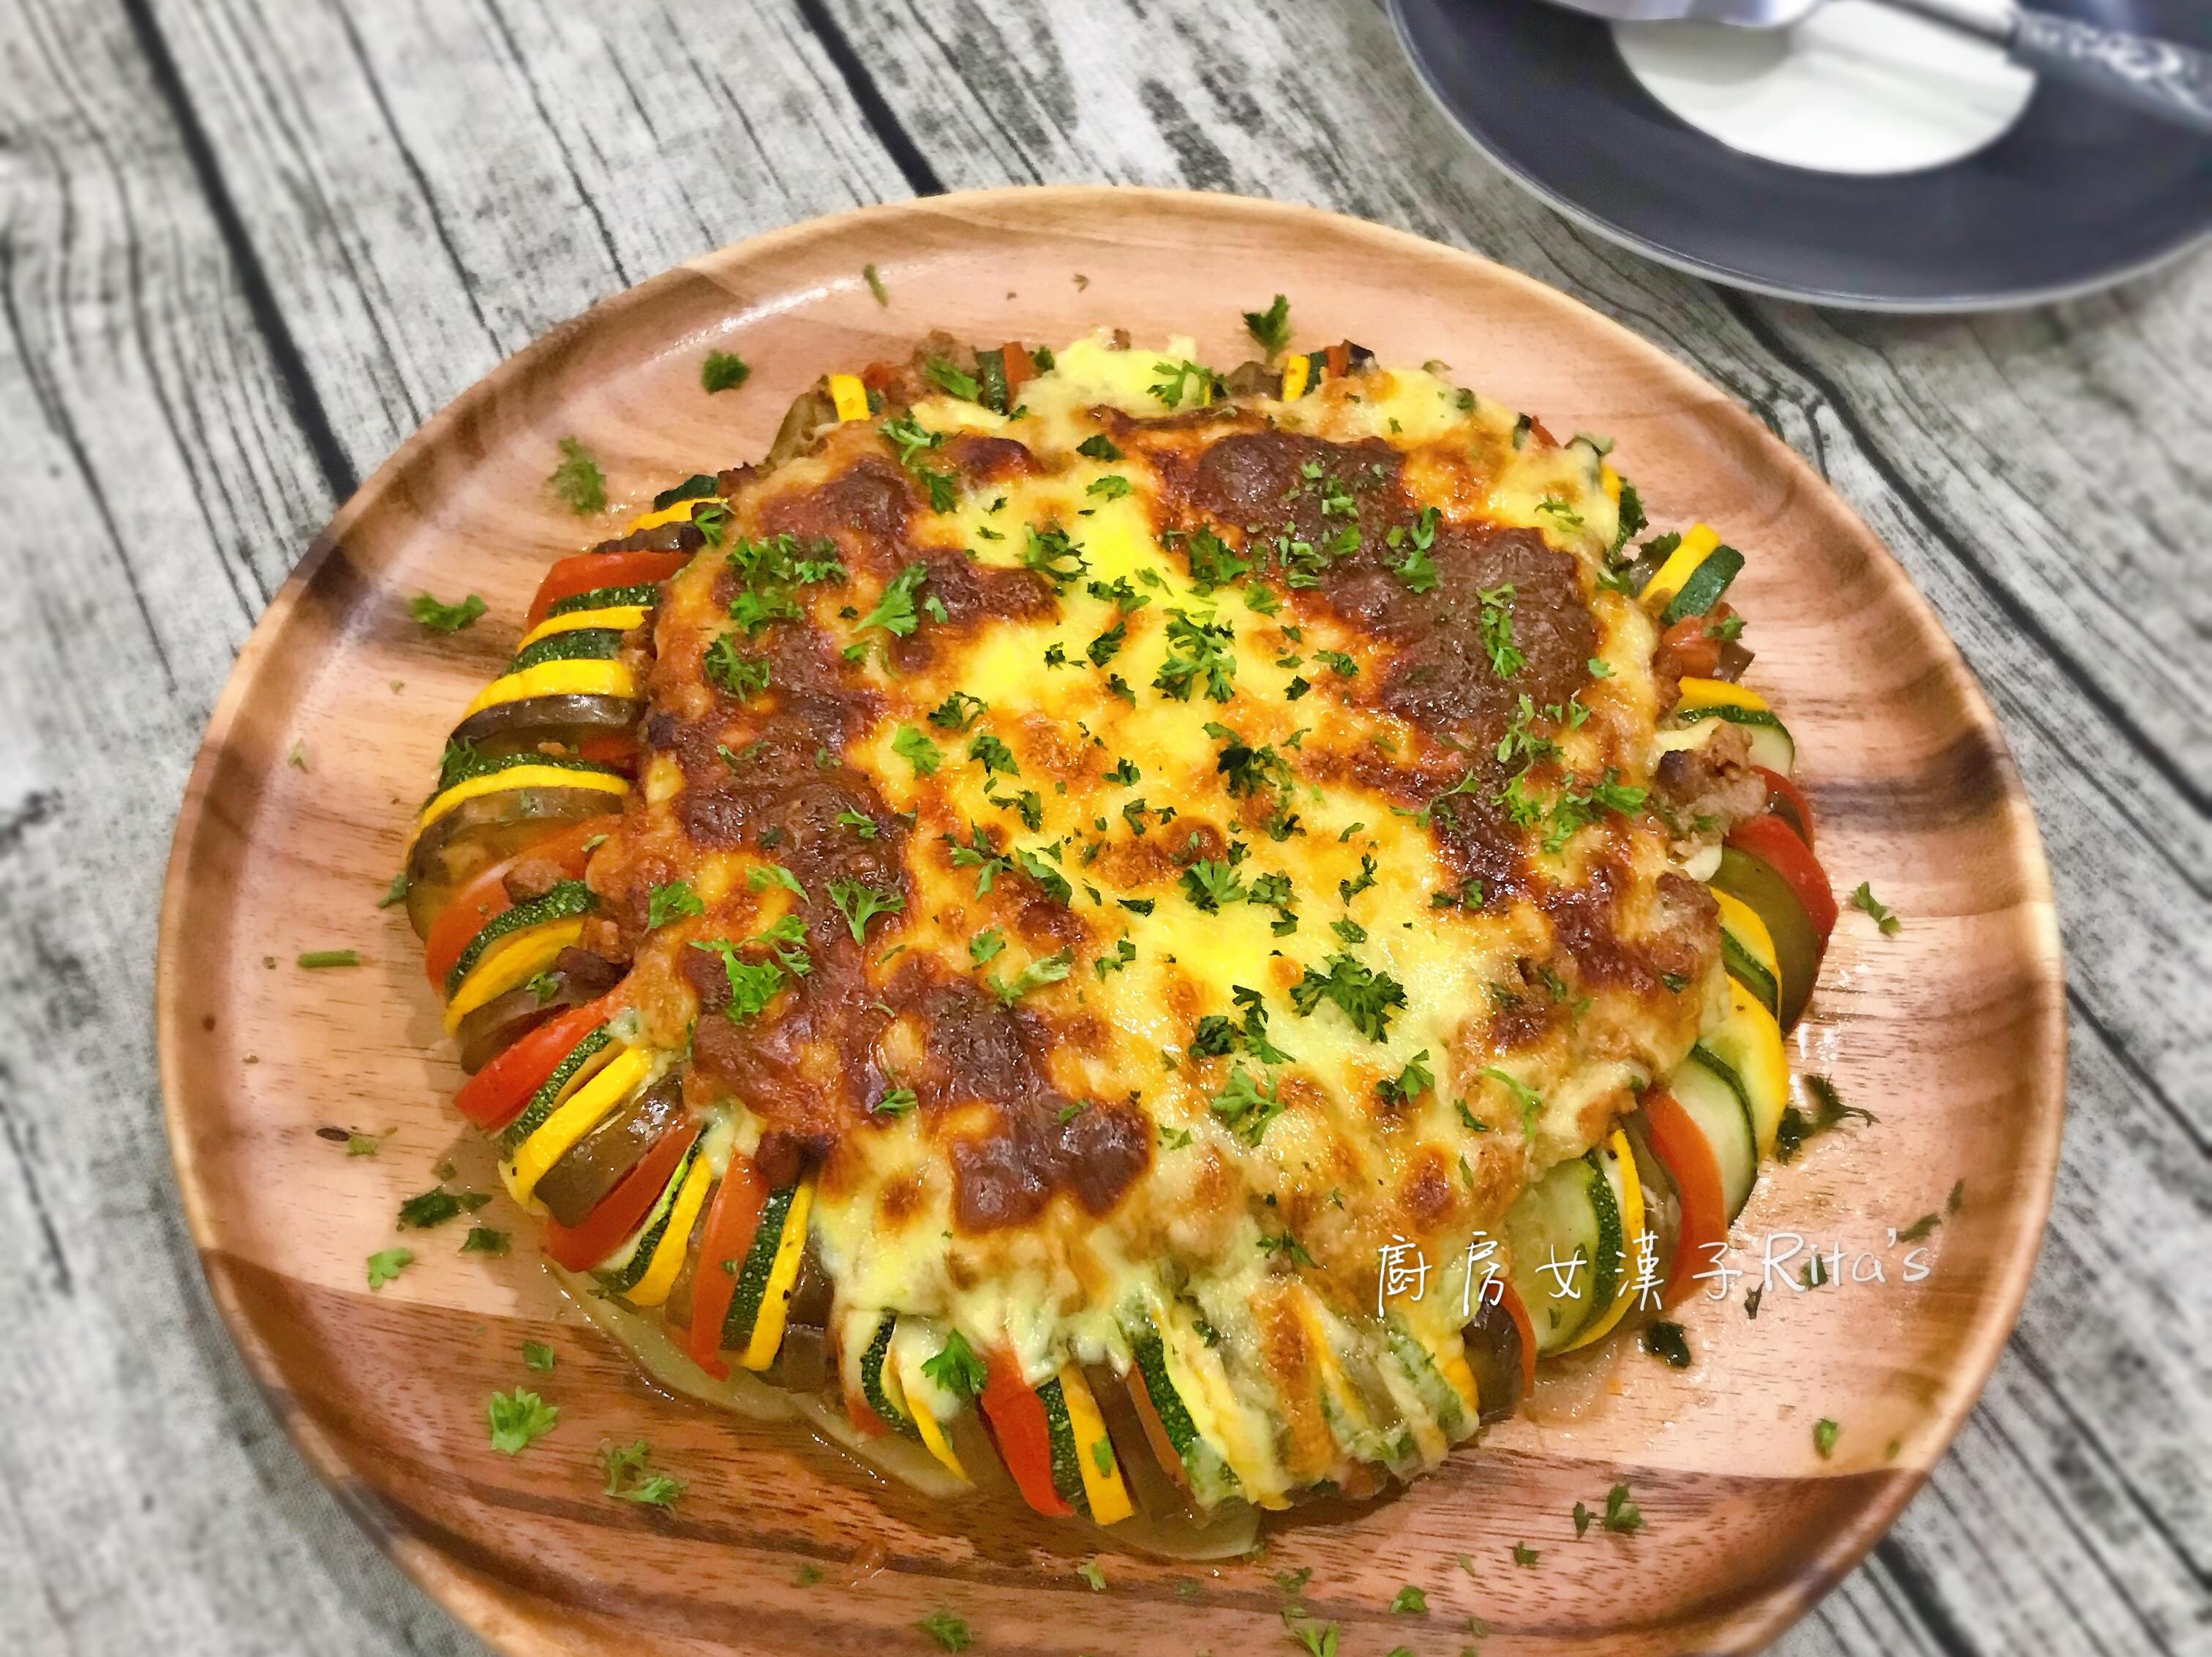 蕃茄肉醬起司燉菜Ratatouille